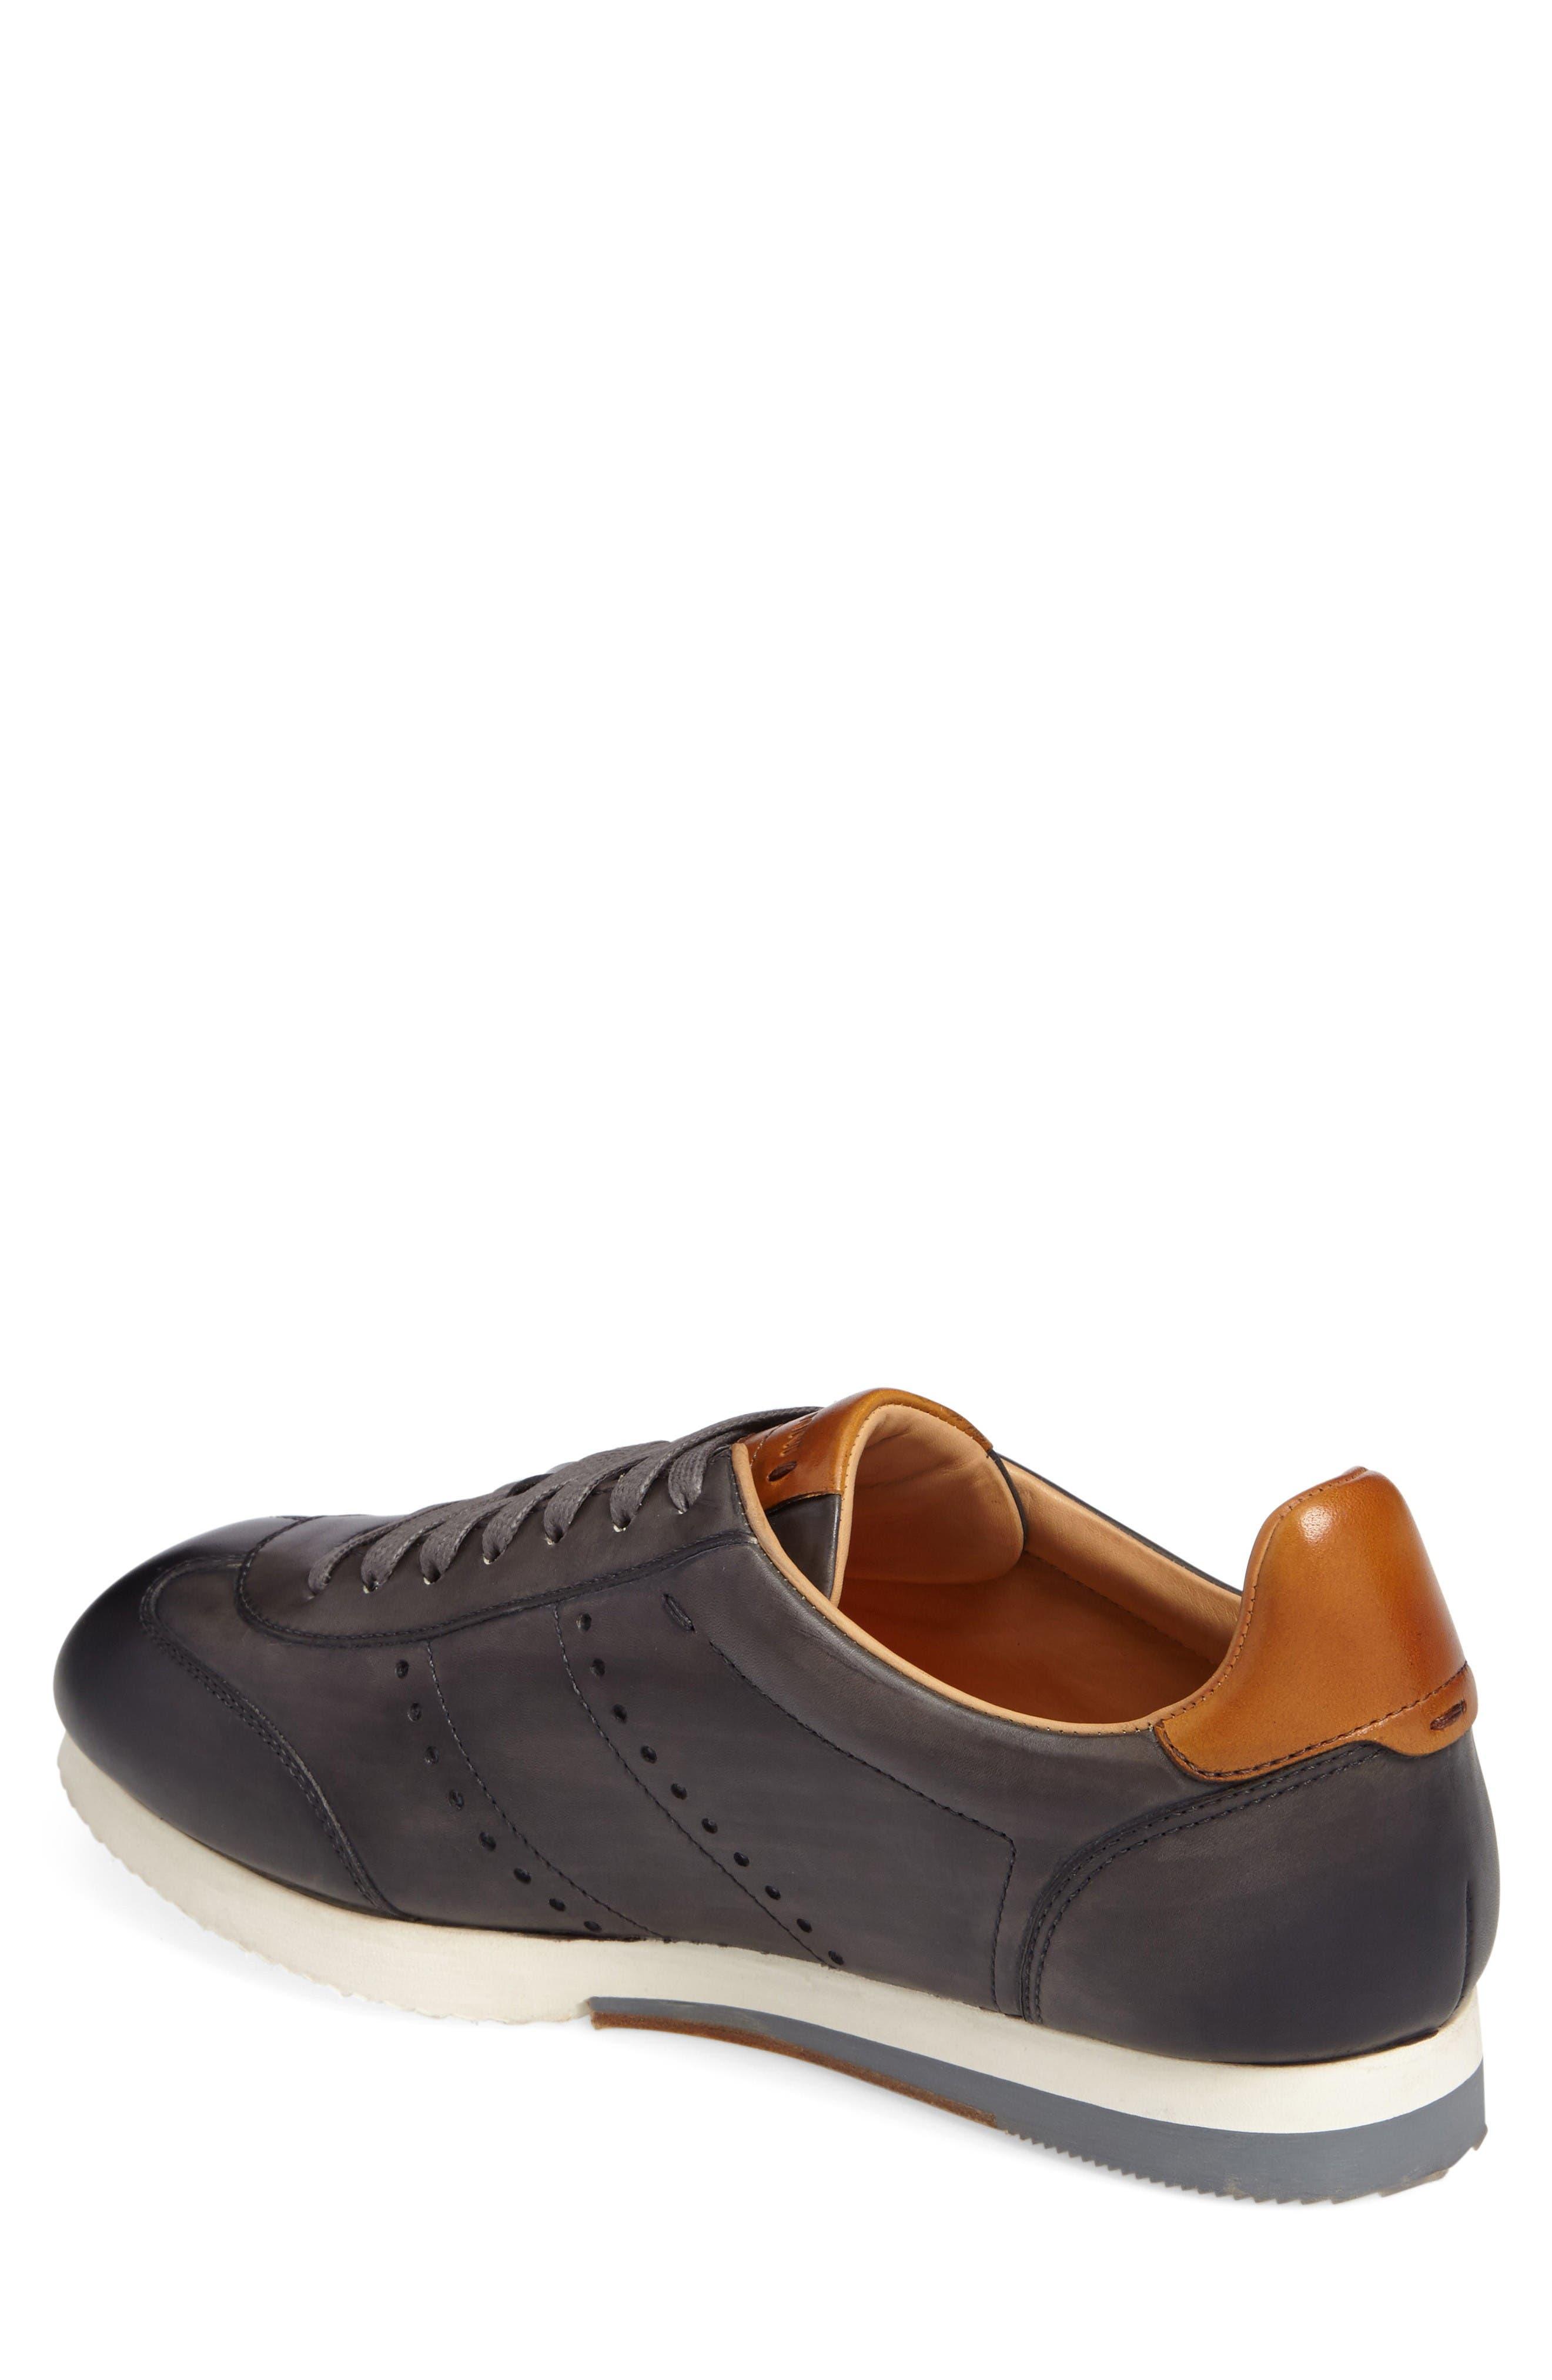 Alternate Image 2  - Magnanni Isco Sneaker (Men)